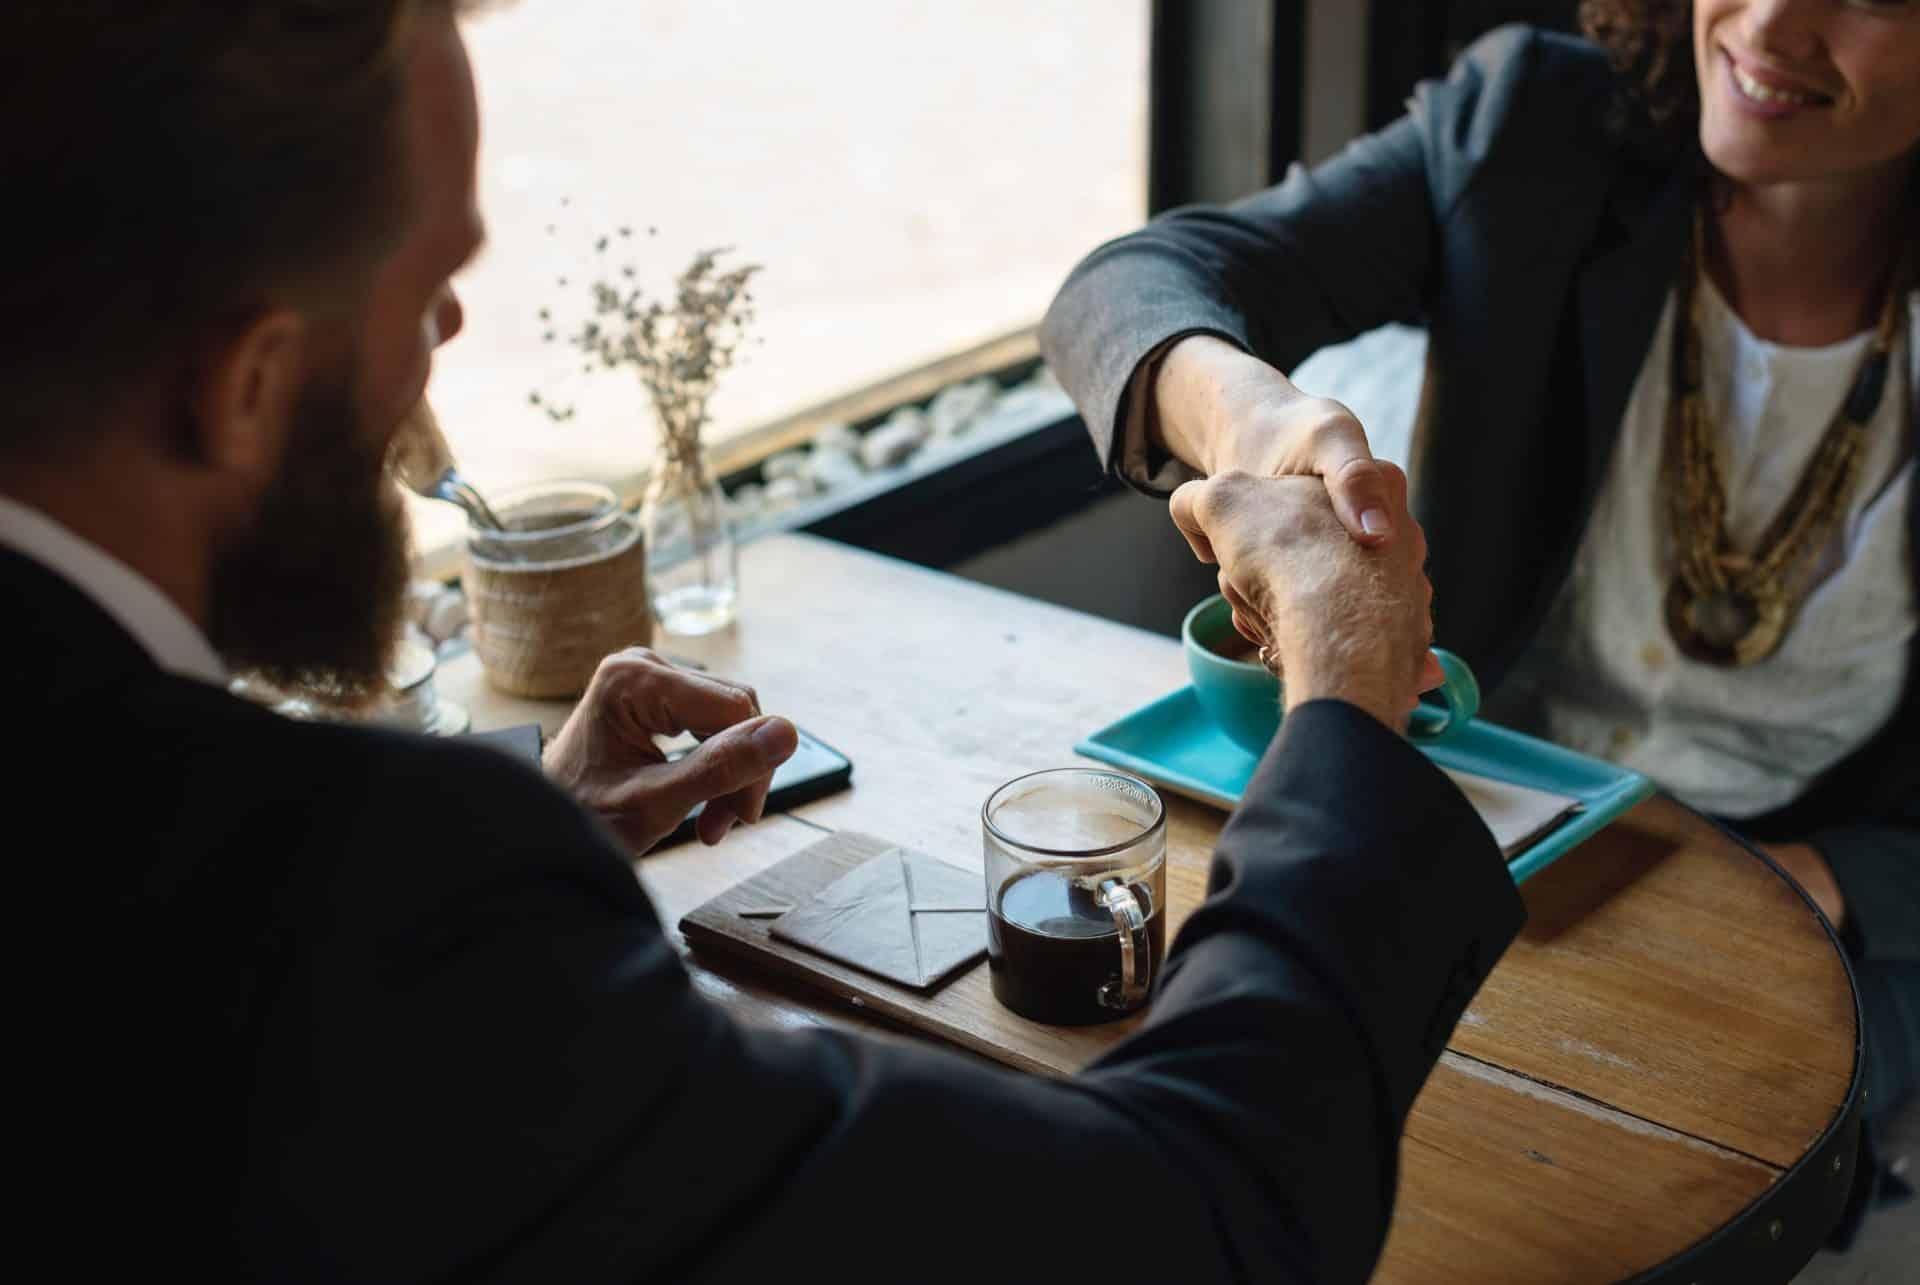 5-idees-pour-trouver-de-nouveaux-clients